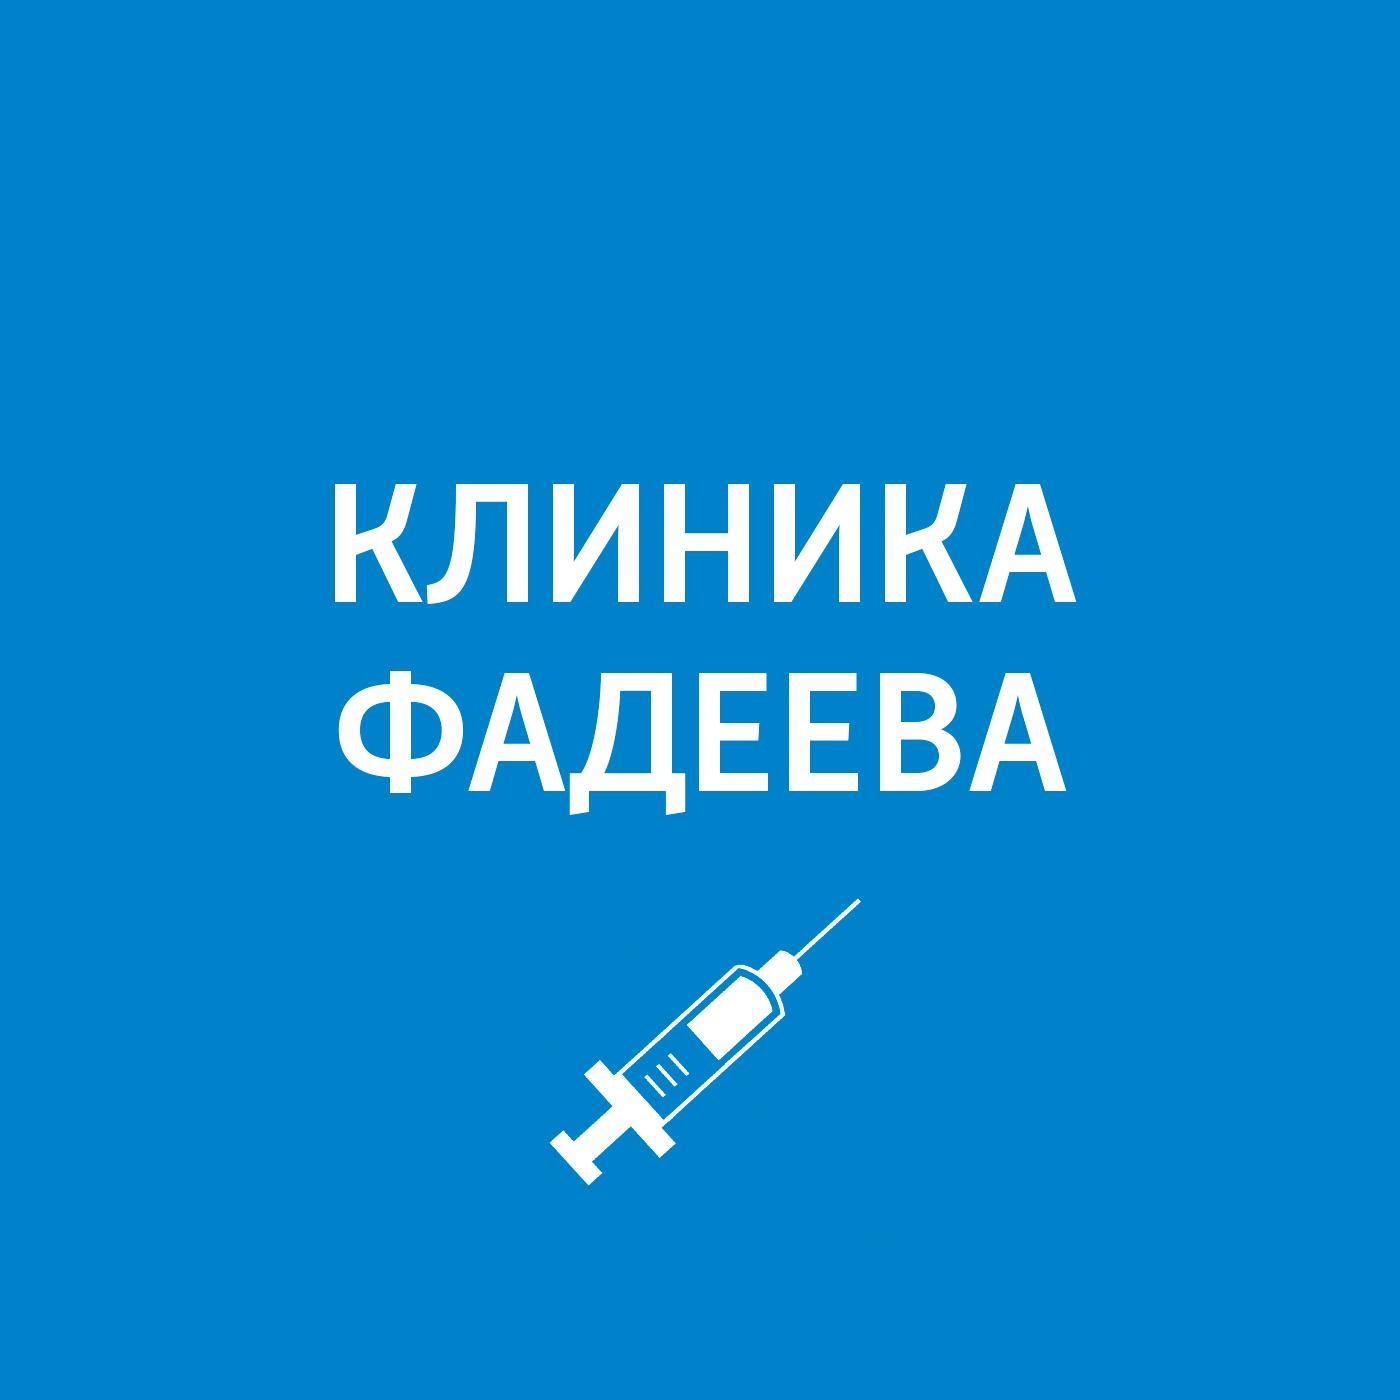 Пётр Фадеев Врач невролог витамины от головокружения